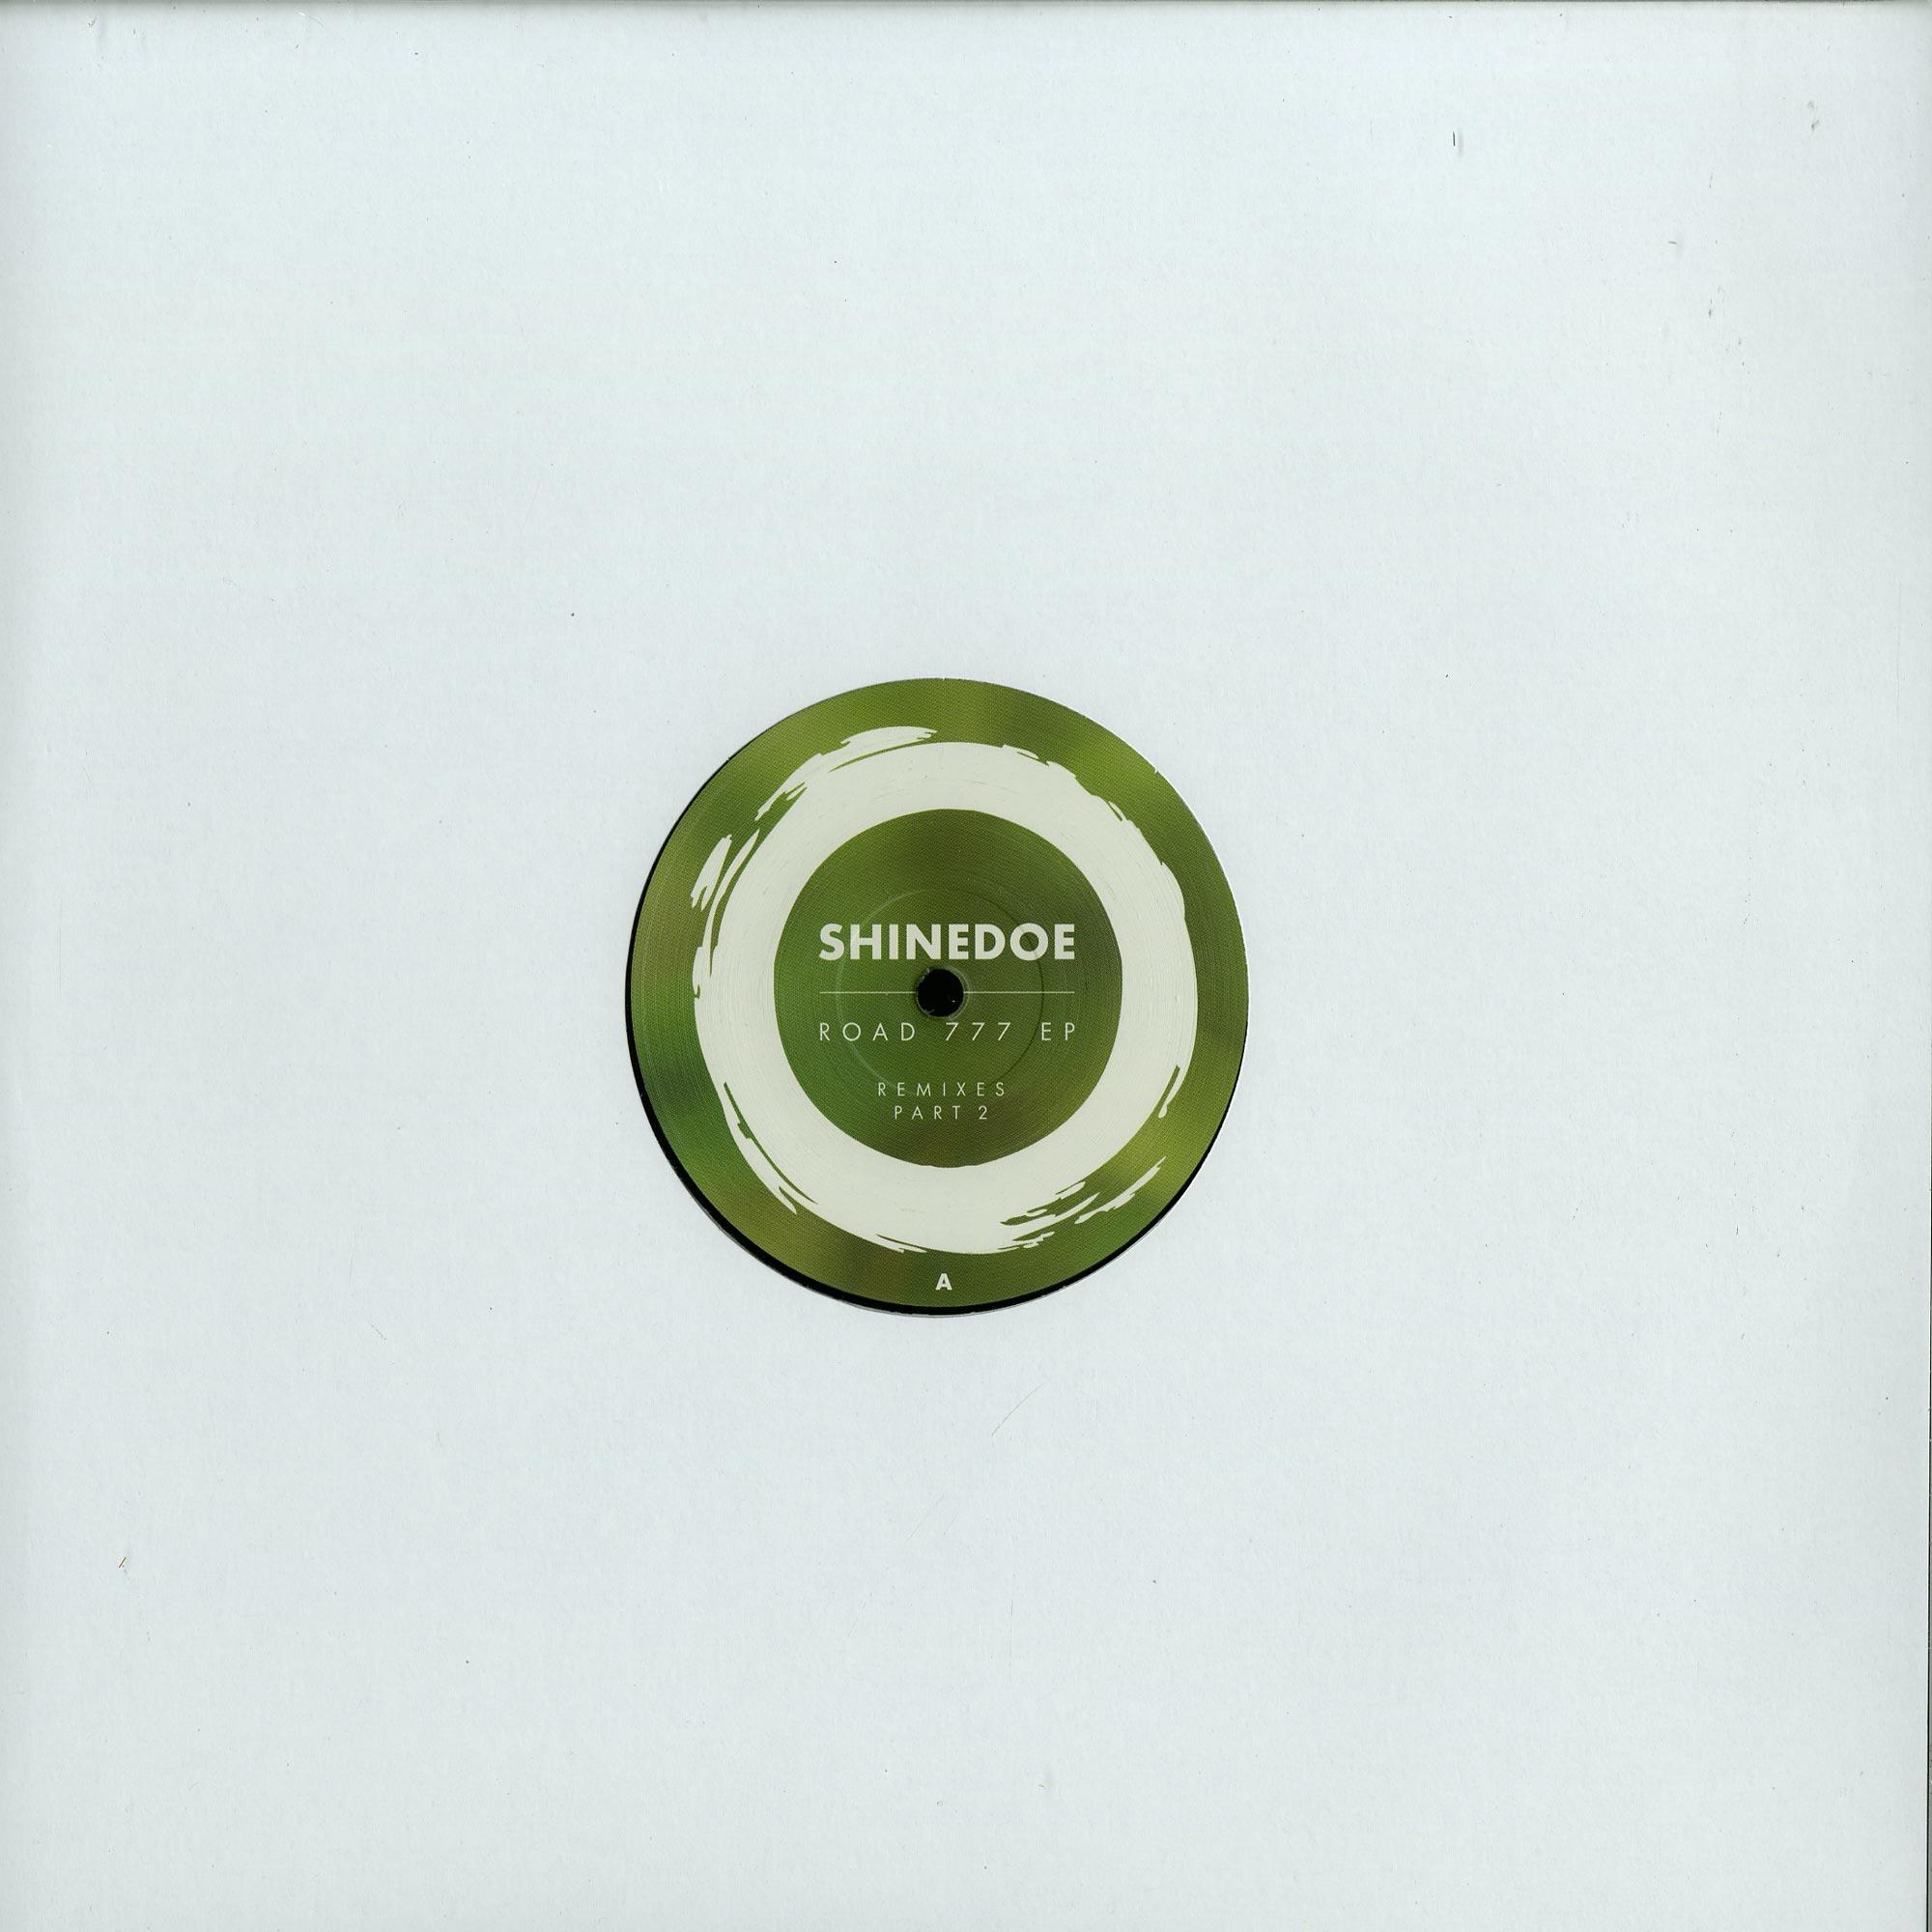 Shinedoe - ROAD 777 EP